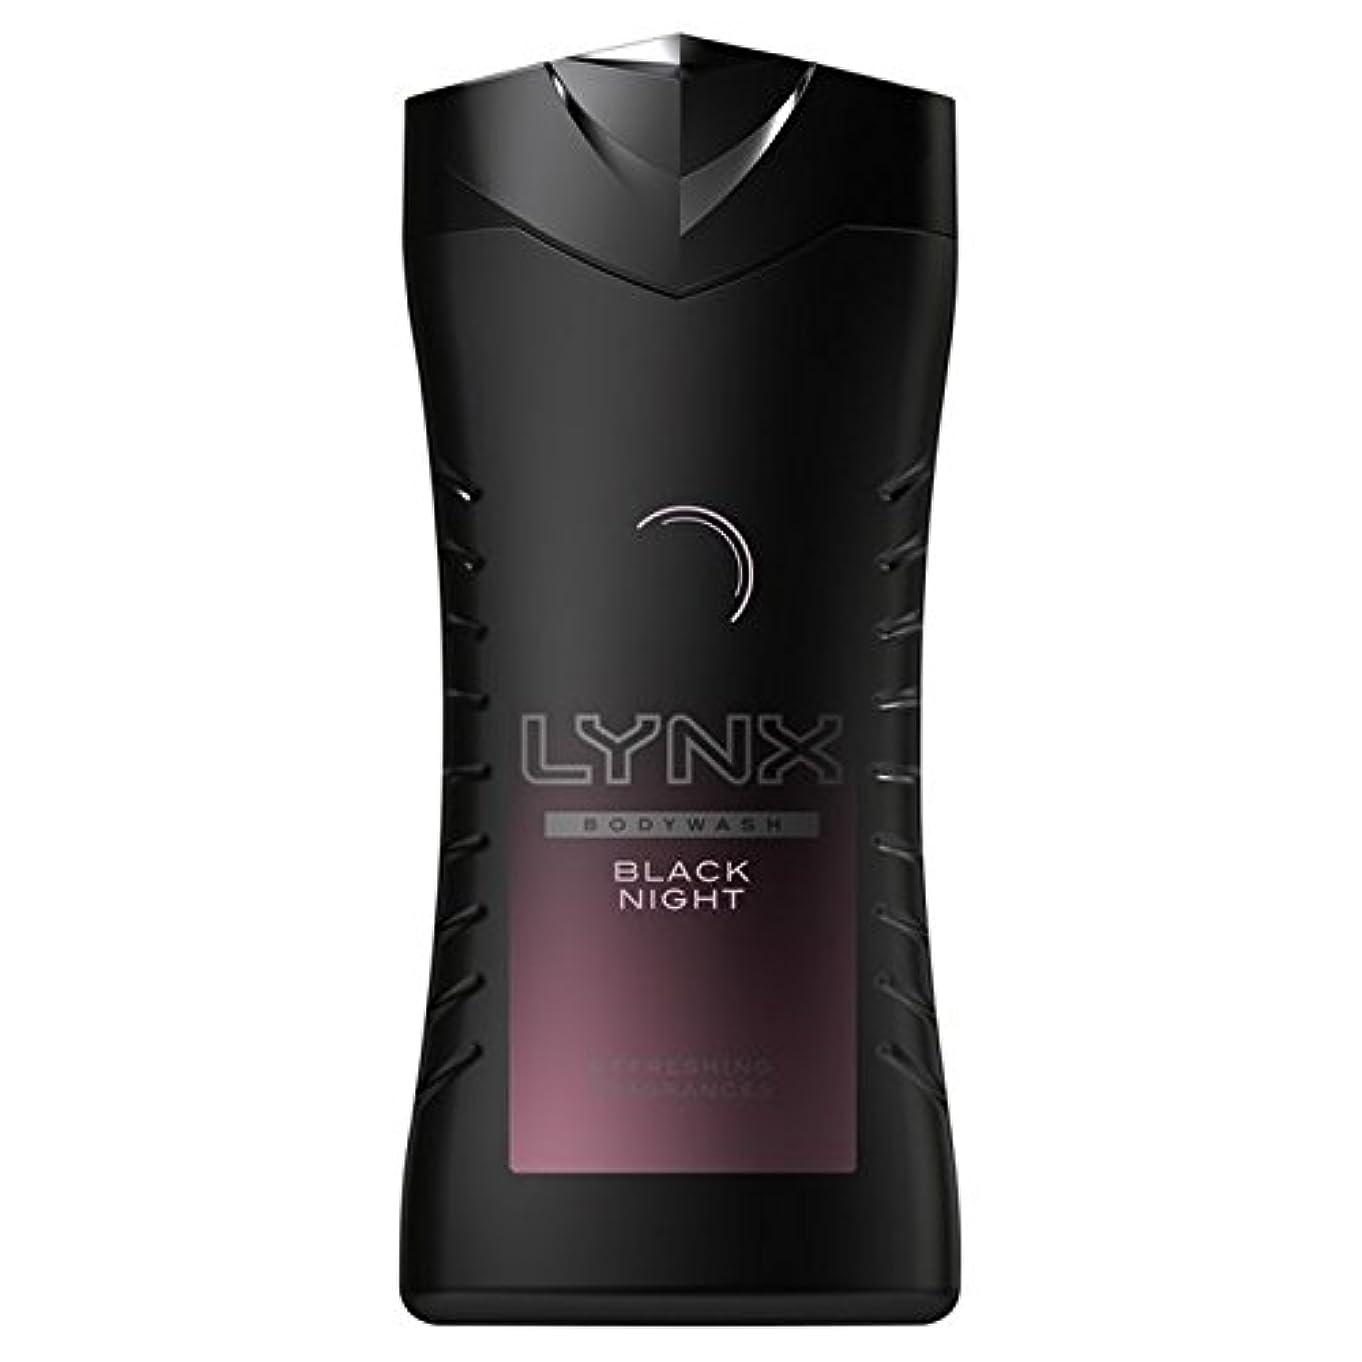 逆にベアリング定期的なオオヤマネコ黒夜シャワージェル250ミリリットル x4 - Lynx Black Night Shower Gel 250ml (Pack of 4) [並行輸入品]